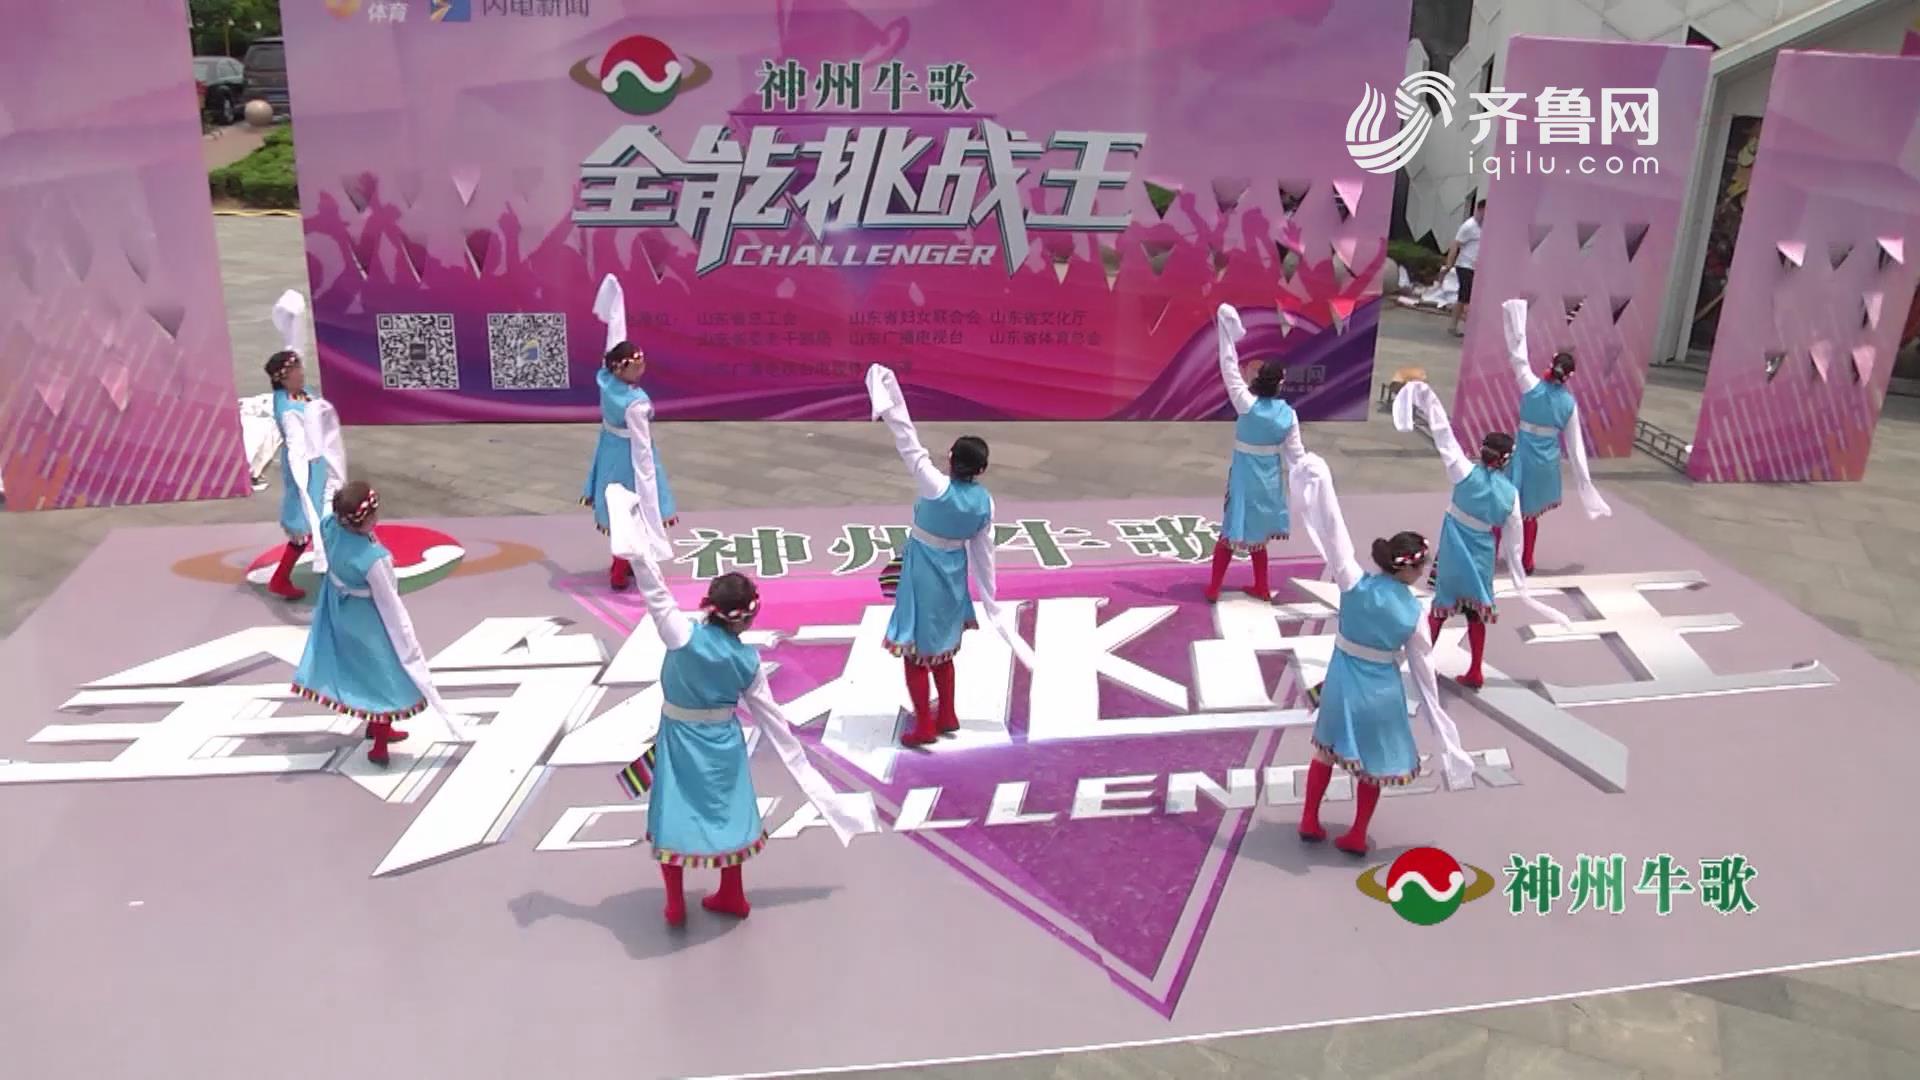 《全能挑战王》烟台群艺歌舞团表演《卓玛》